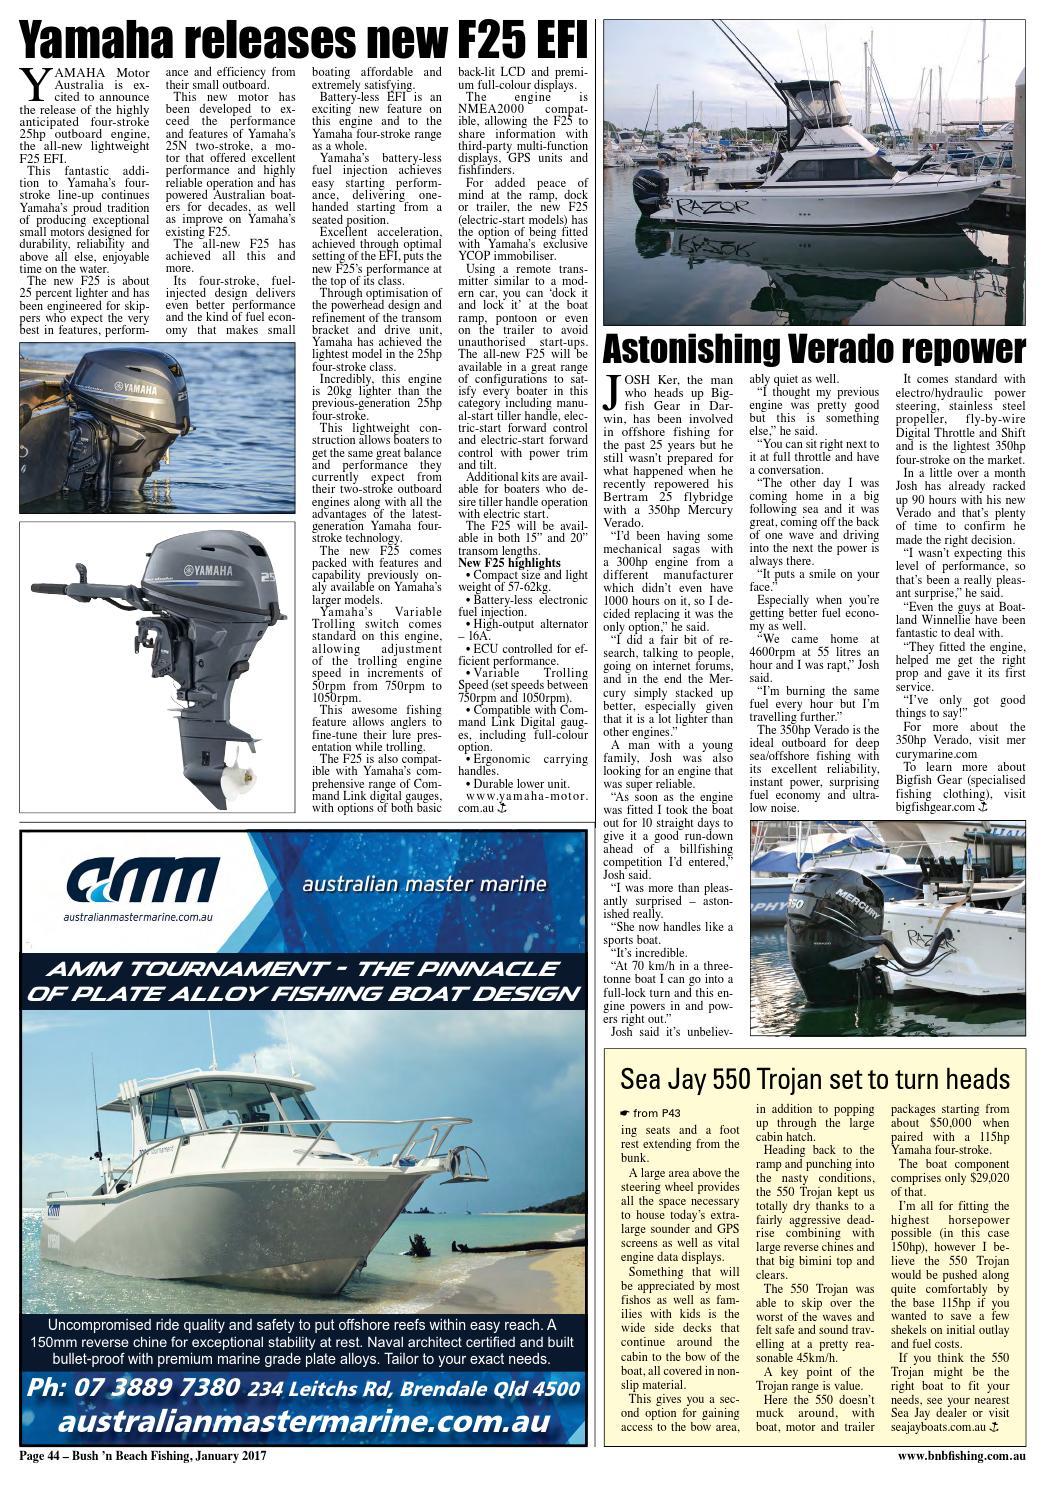 BNB Fishing mag | Jan 2017 by bnbfishing - issuu